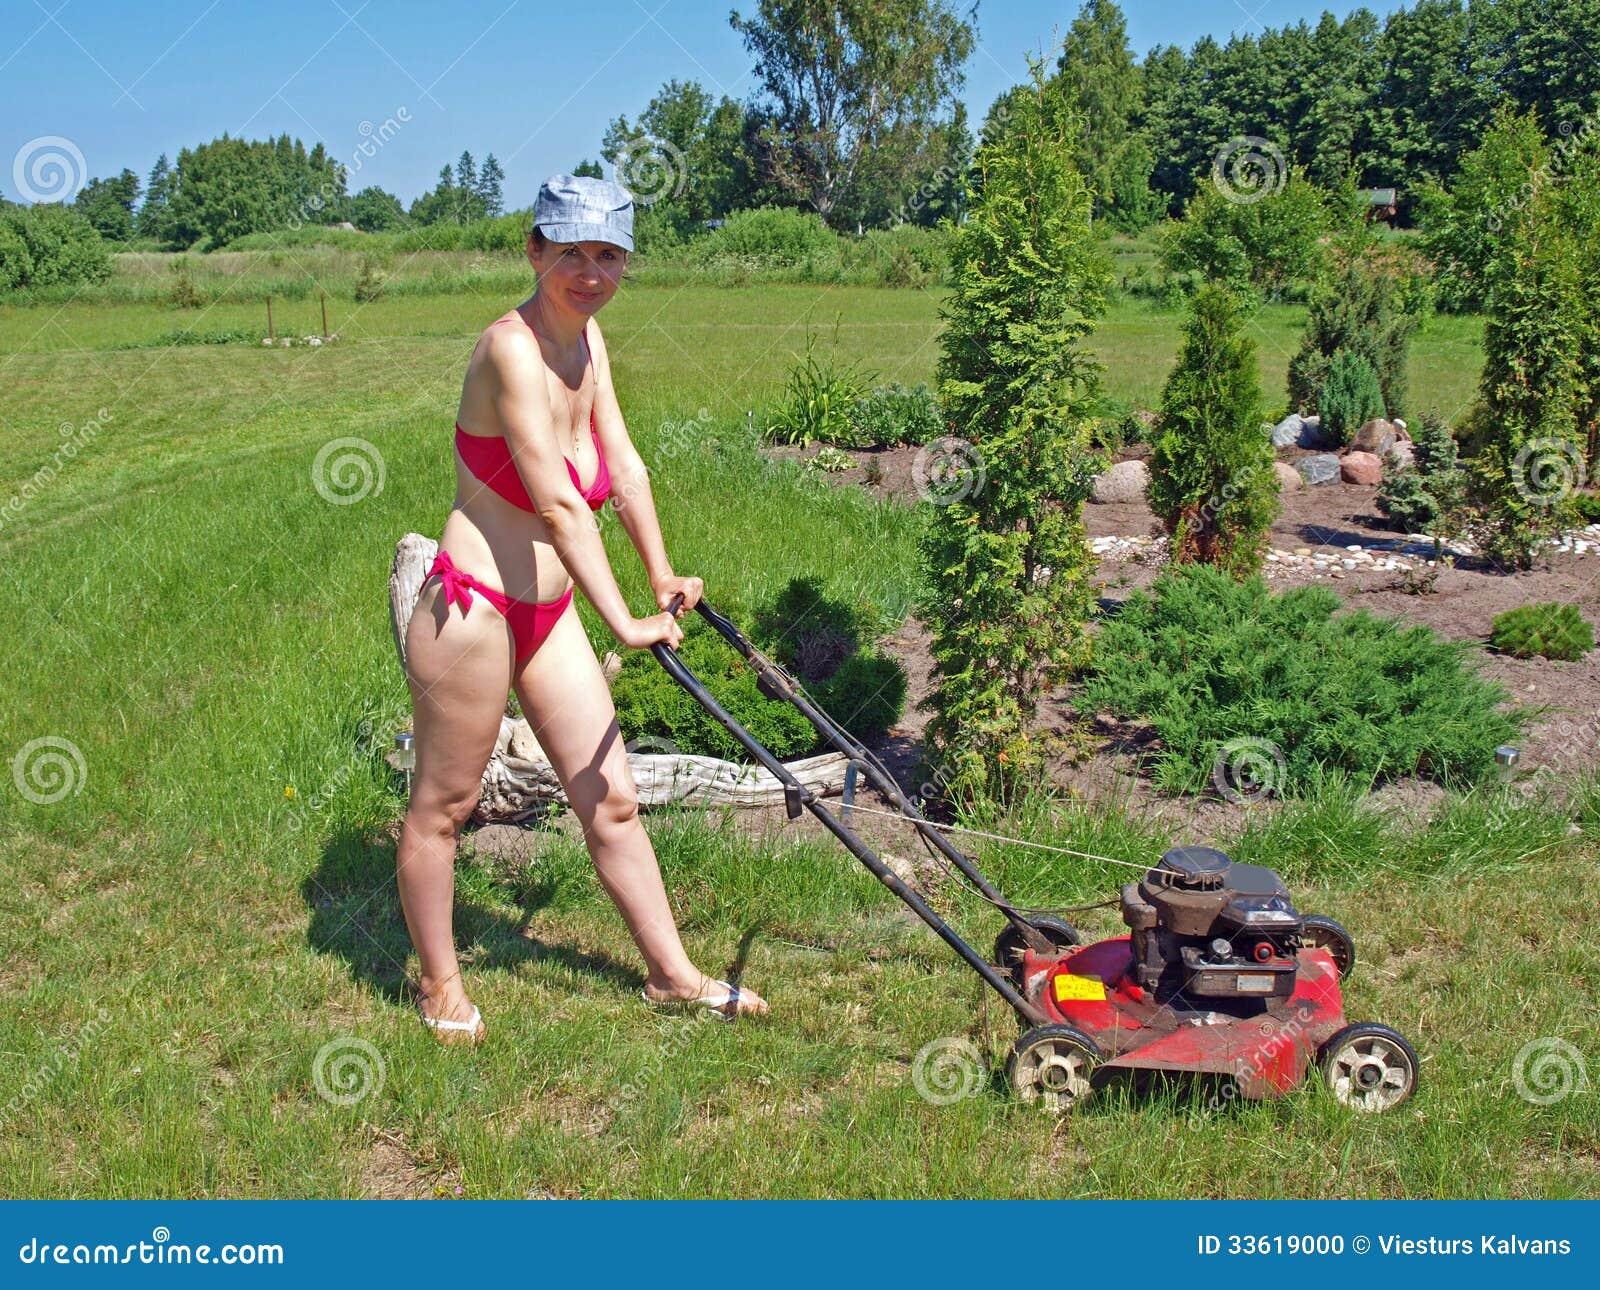 Lawn mower bikini luder!